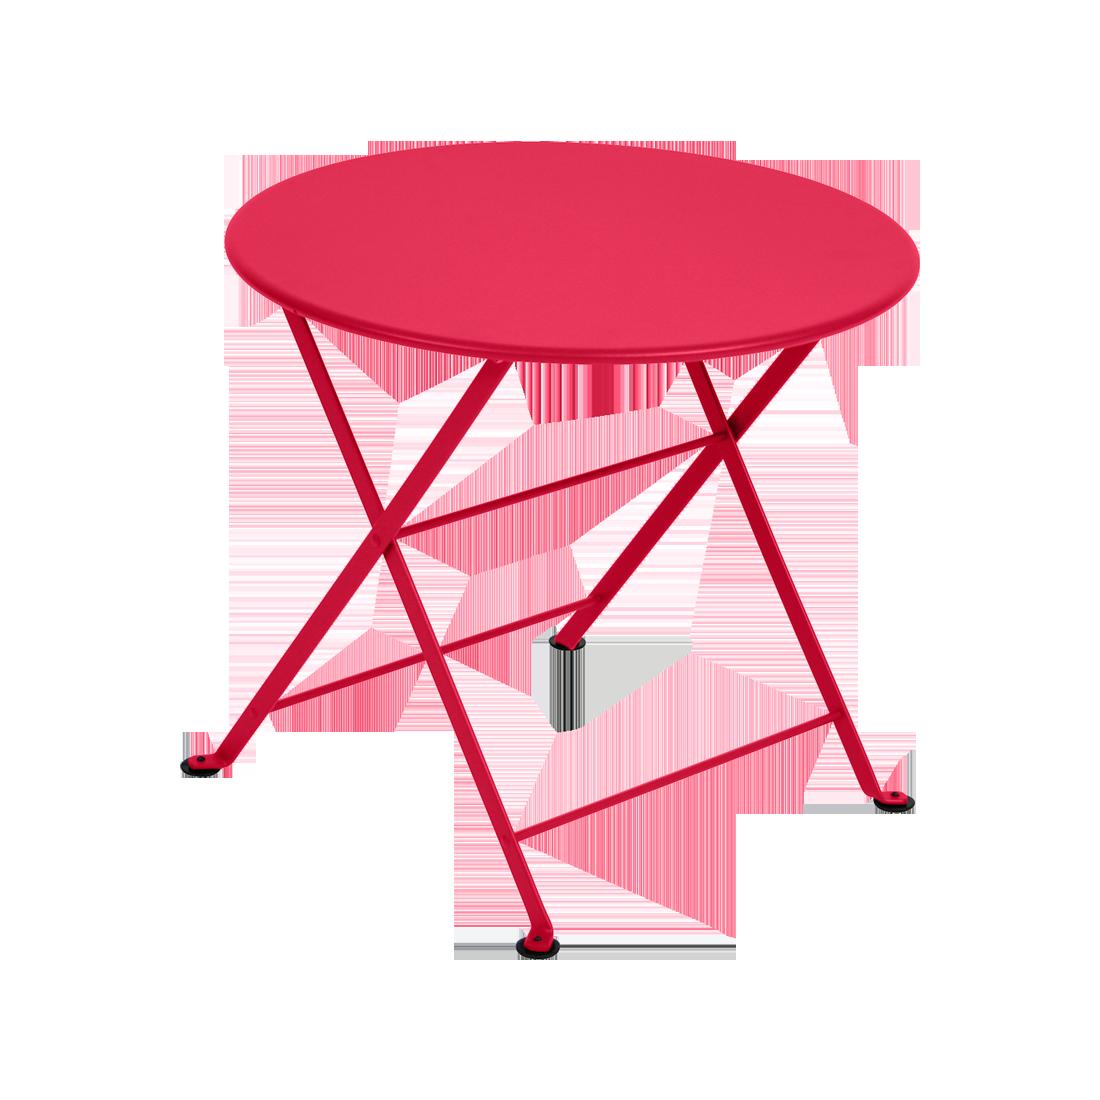 table basse enfant tom pouce de fermob rose praline. Black Bedroom Furniture Sets. Home Design Ideas